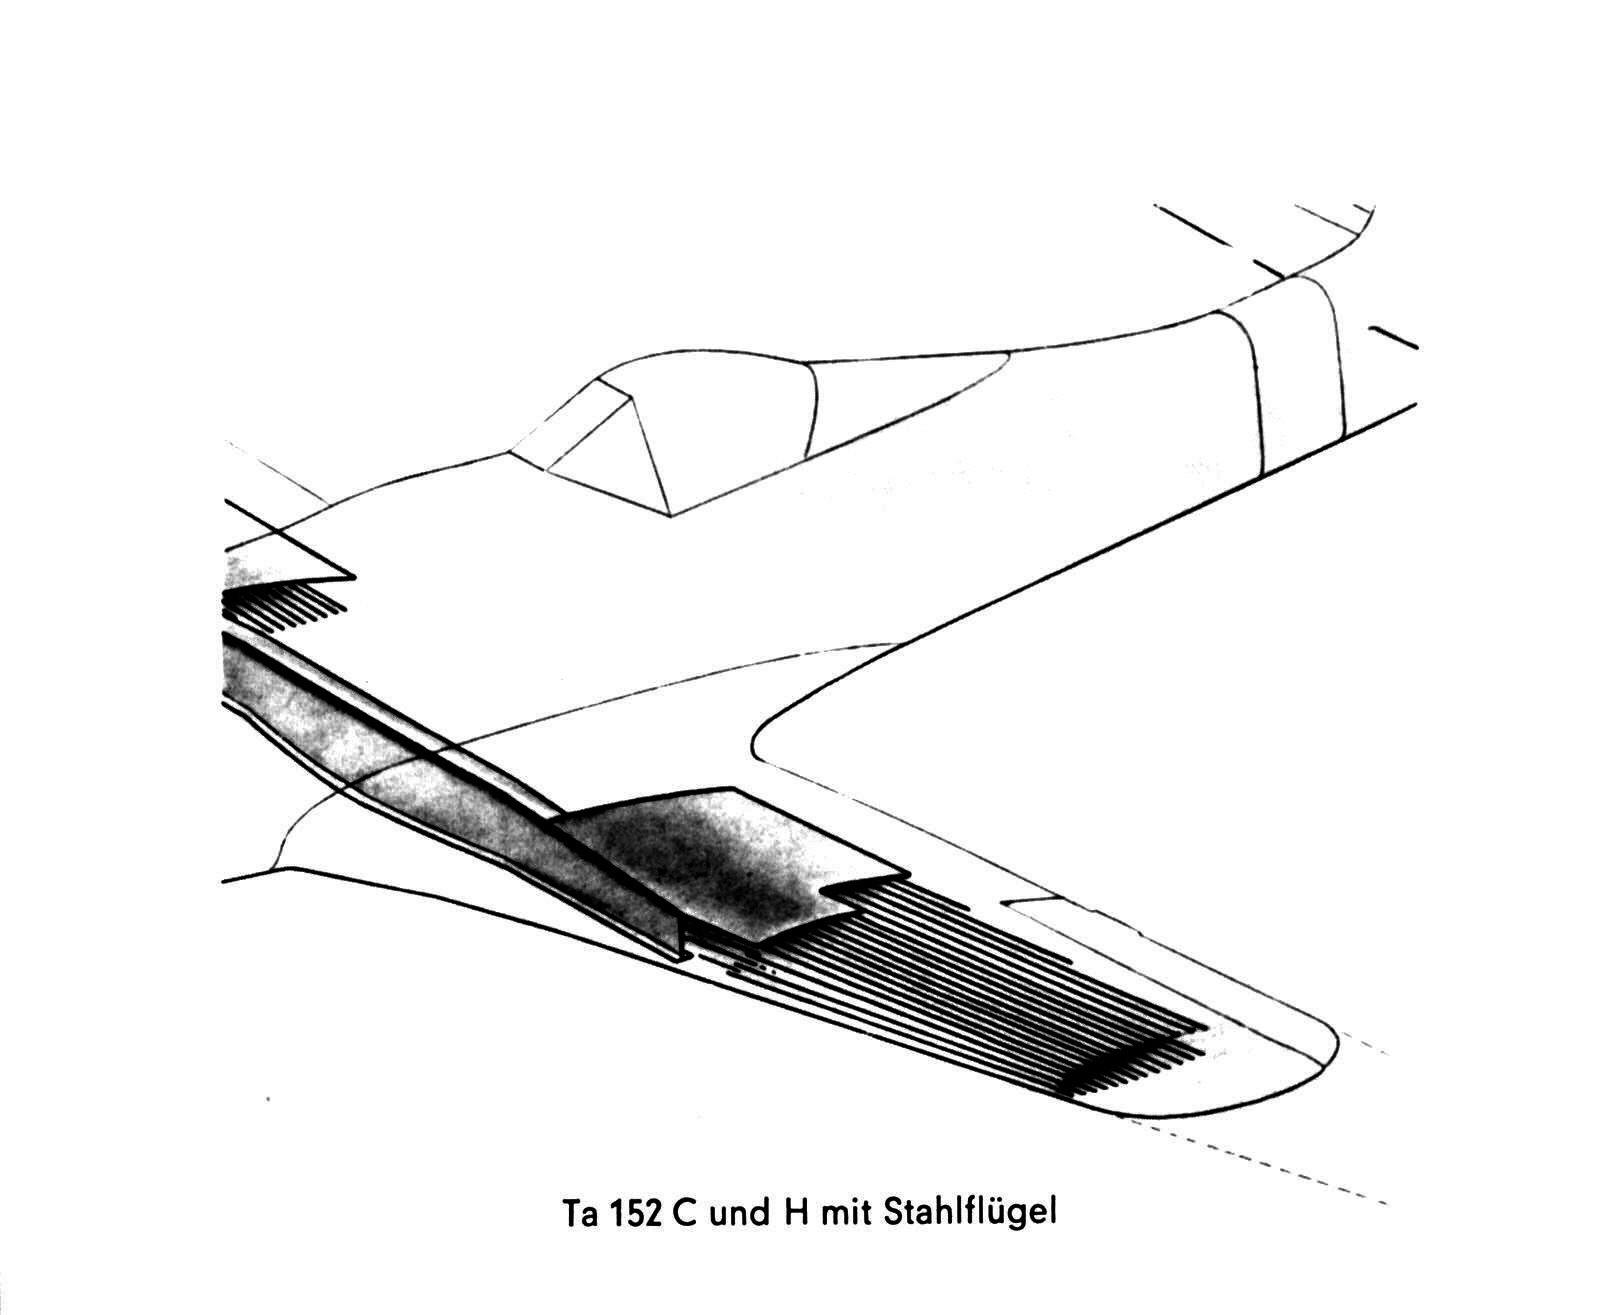 Ta 152 C und H mit Stahlfügel